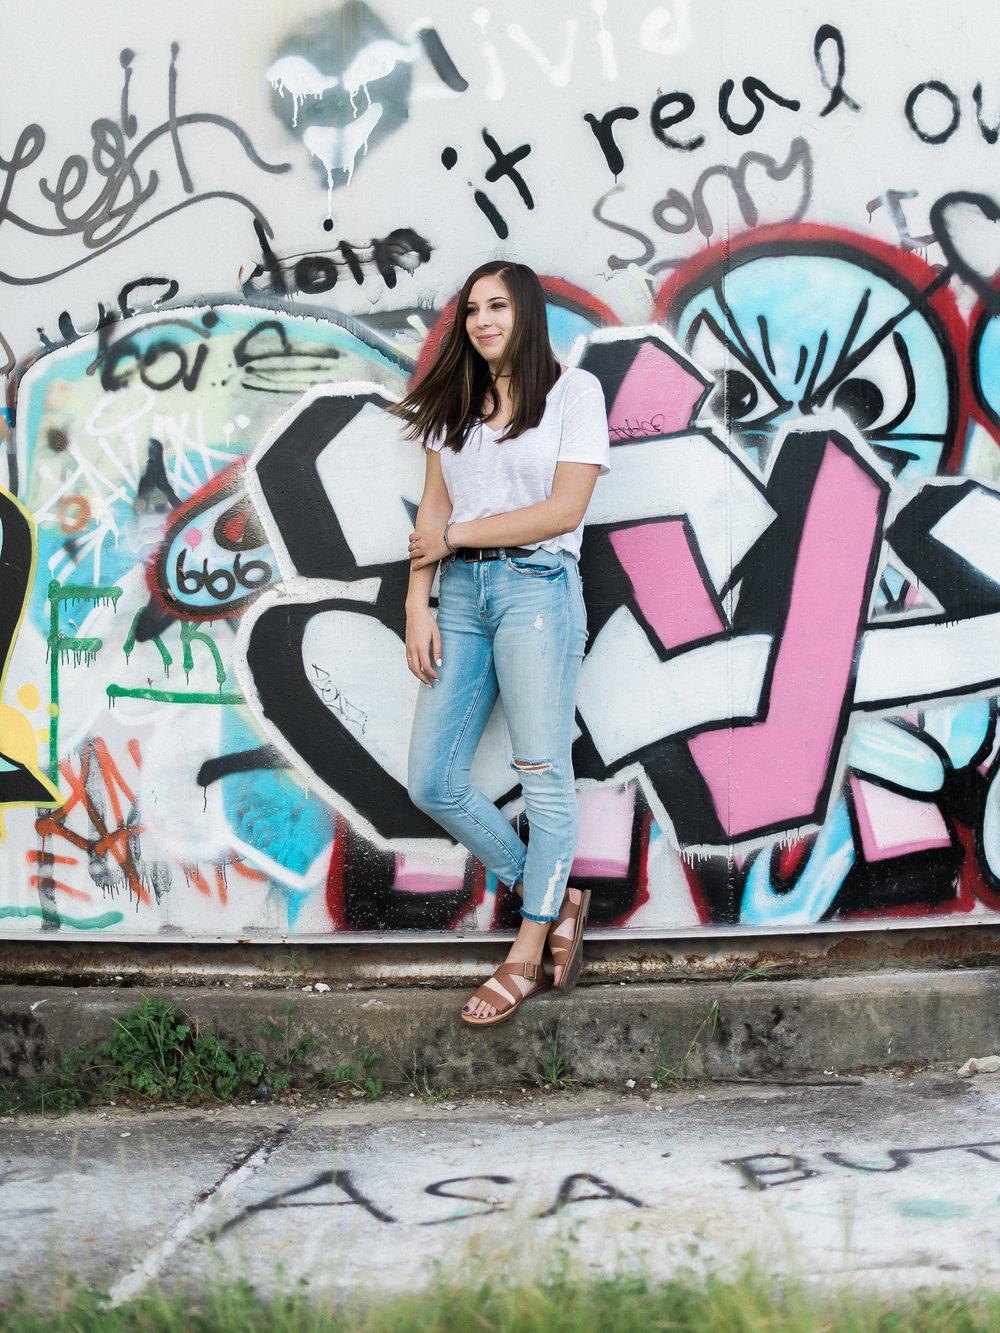 Gianna_HSseniot_spp-5.jpg